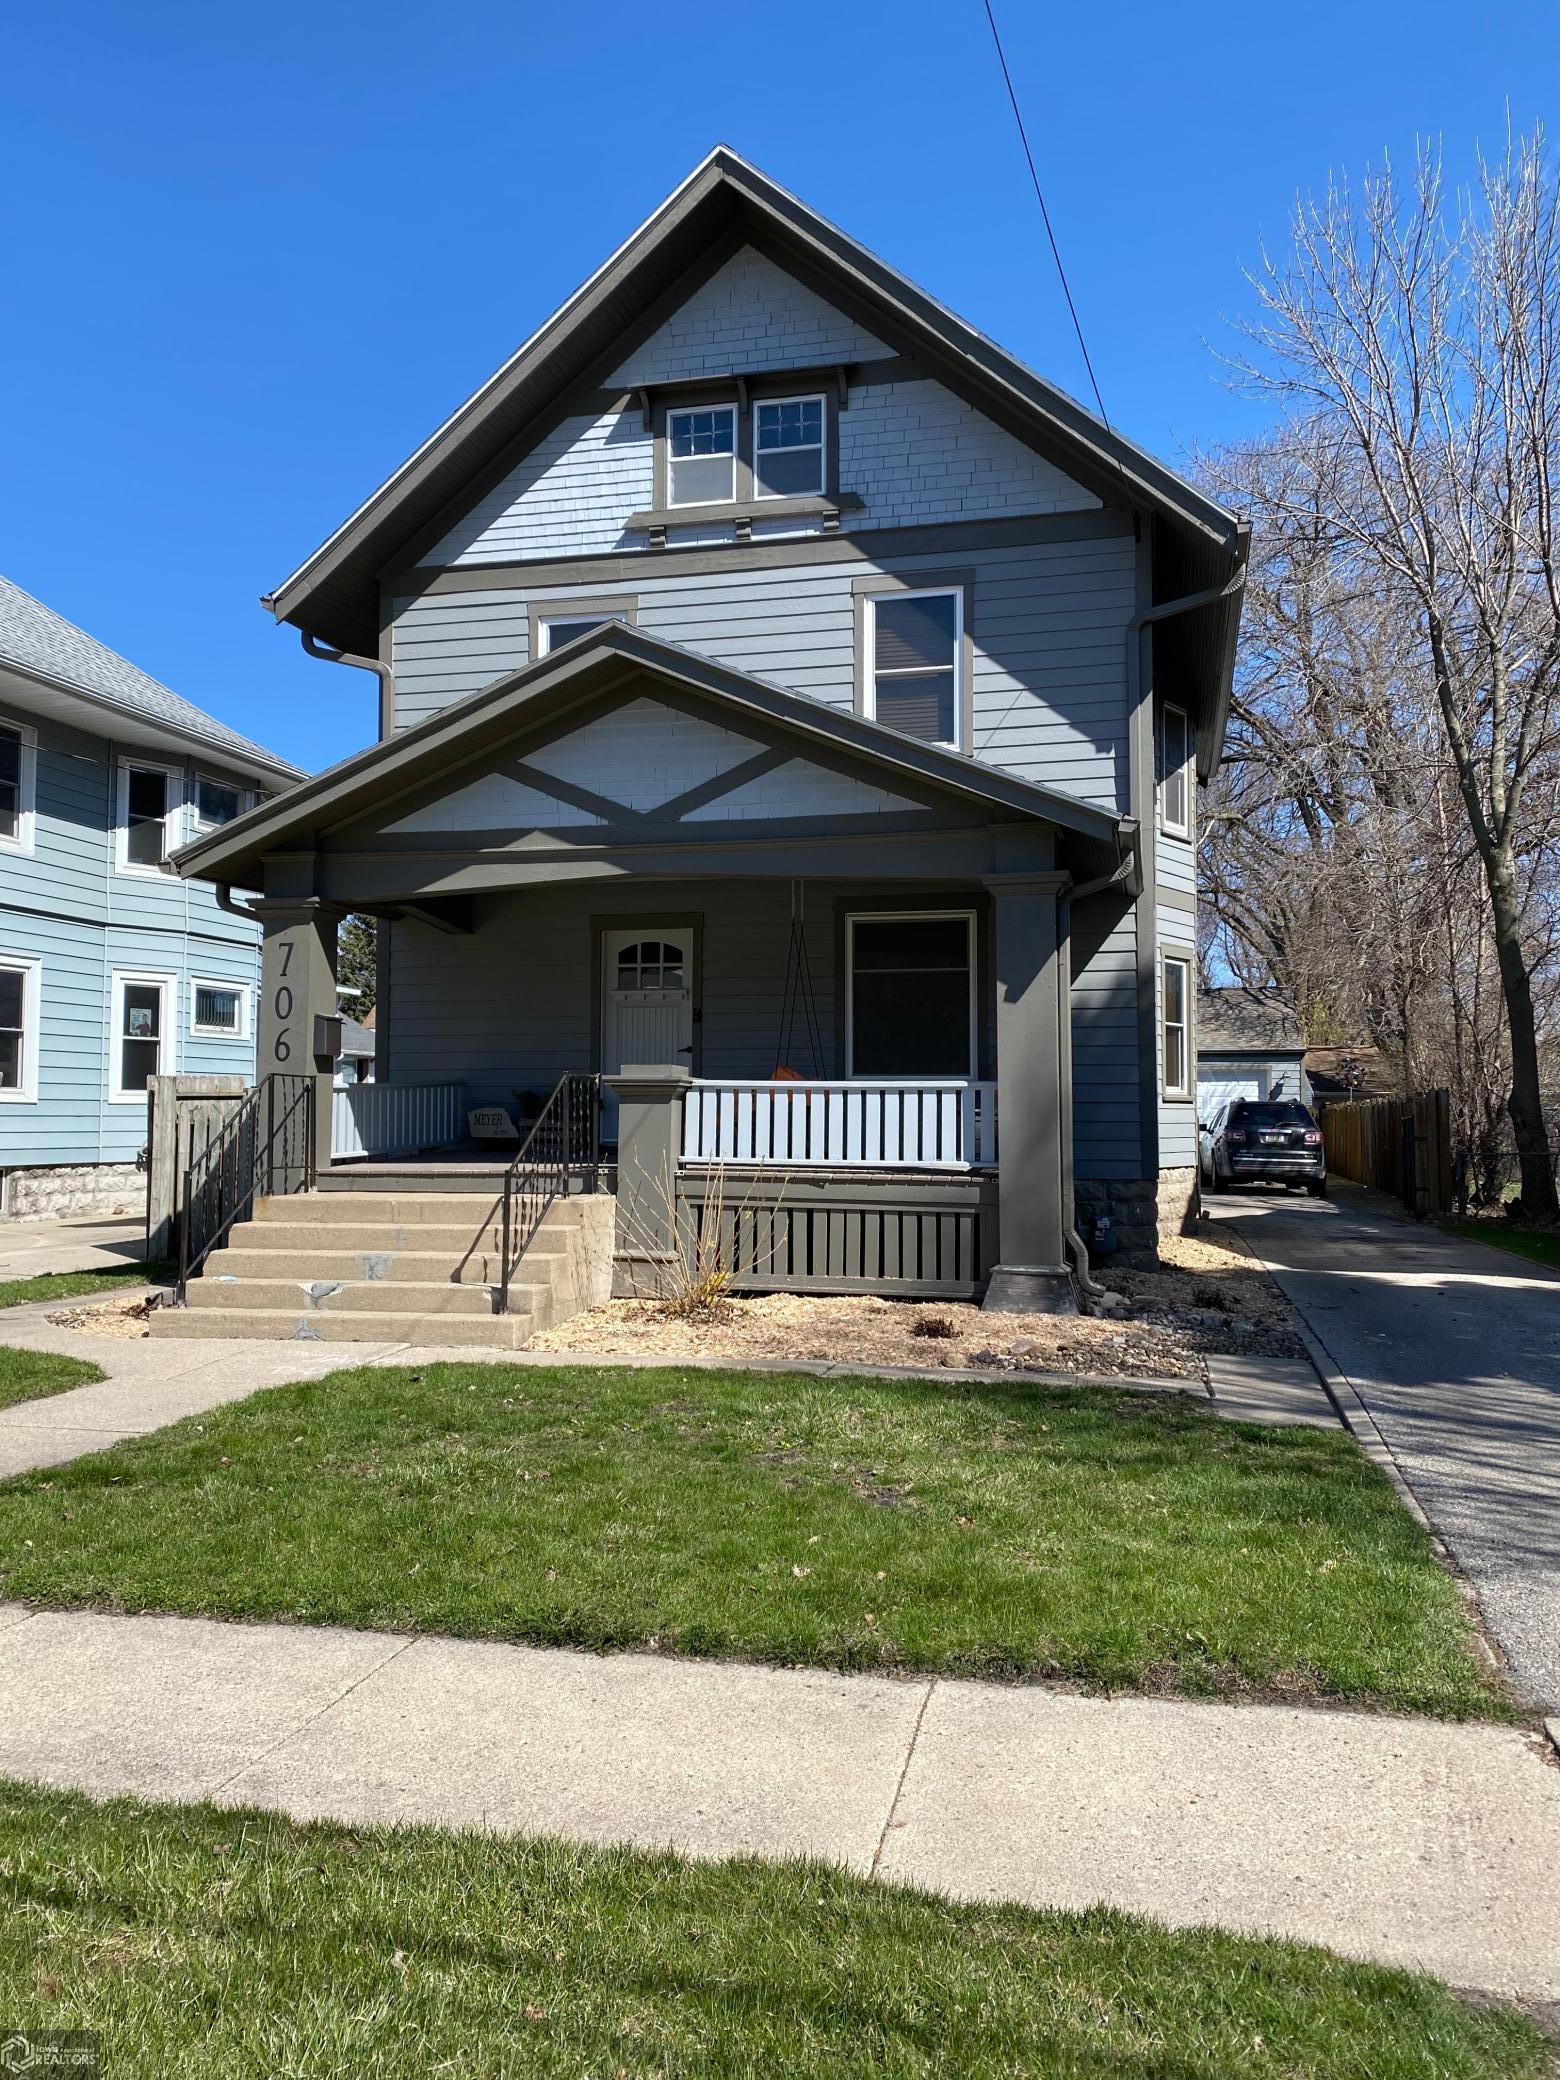 706 7th Avenue Property Photo - Clear Lake, IA real estate listing